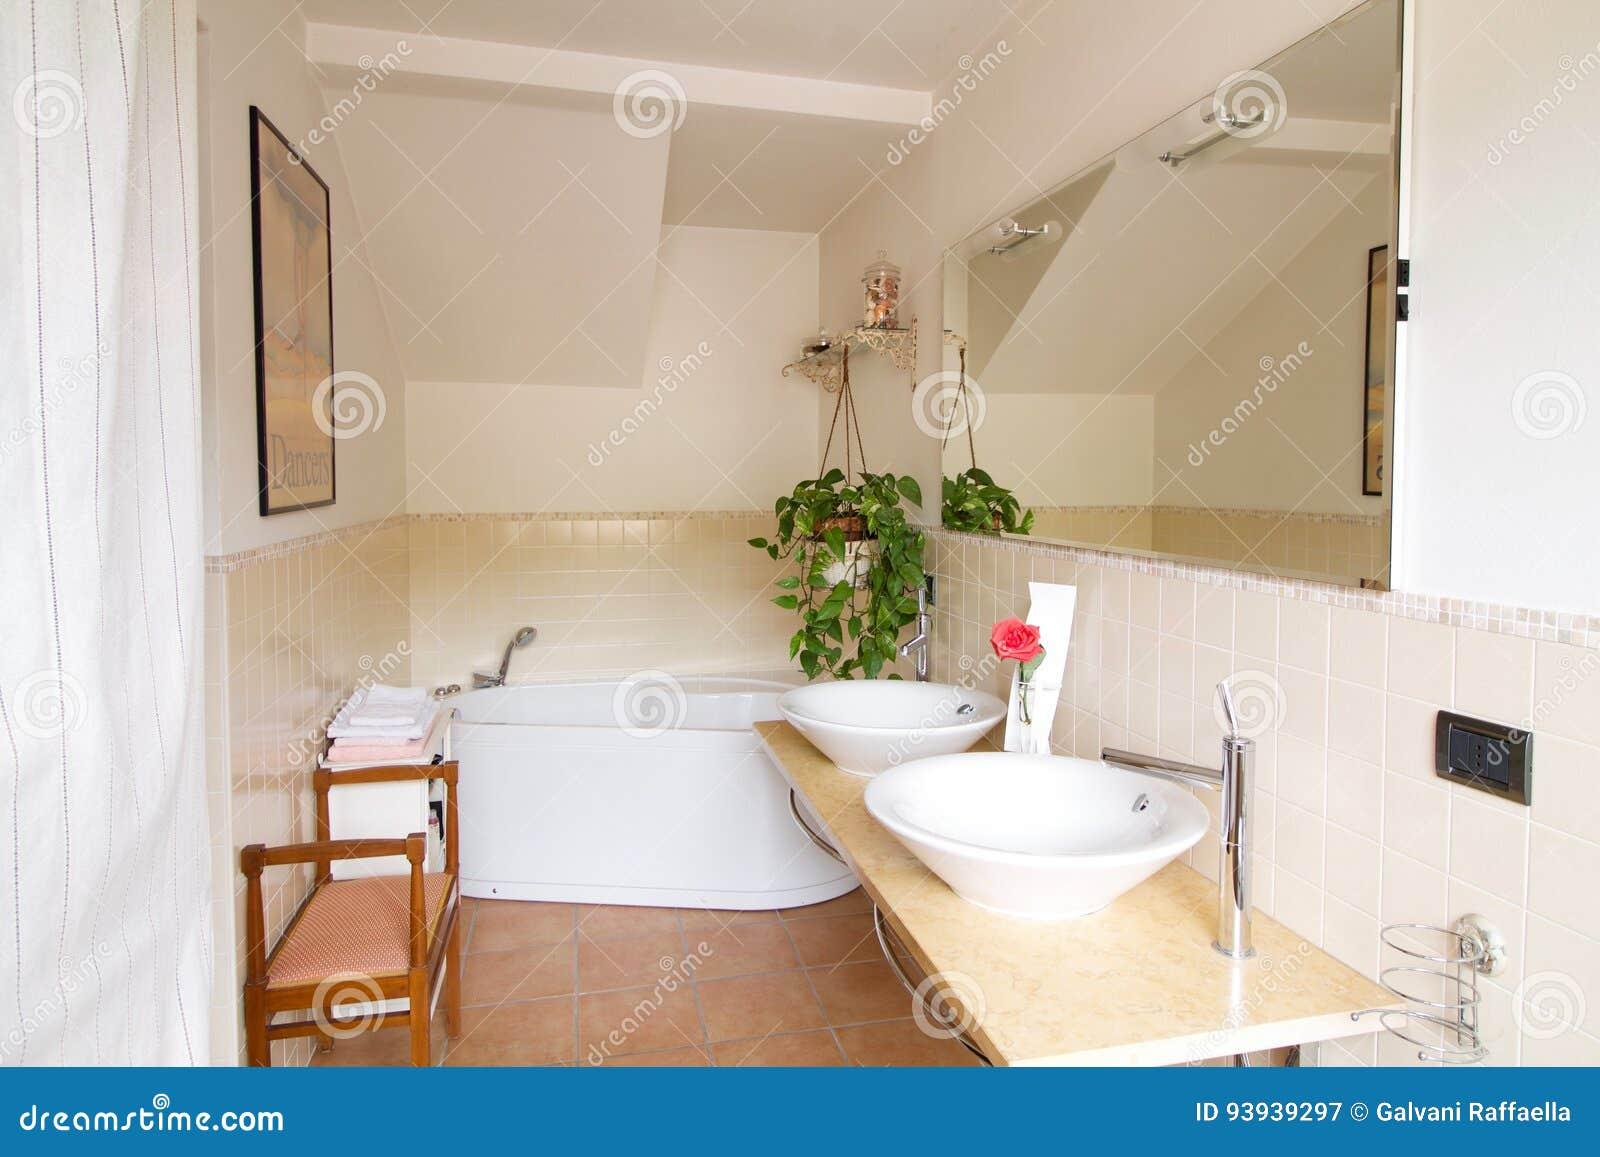 Bagni Per Case Di Campagna : Bagno e coppie dei lavandini in casa di campagna immagine stock